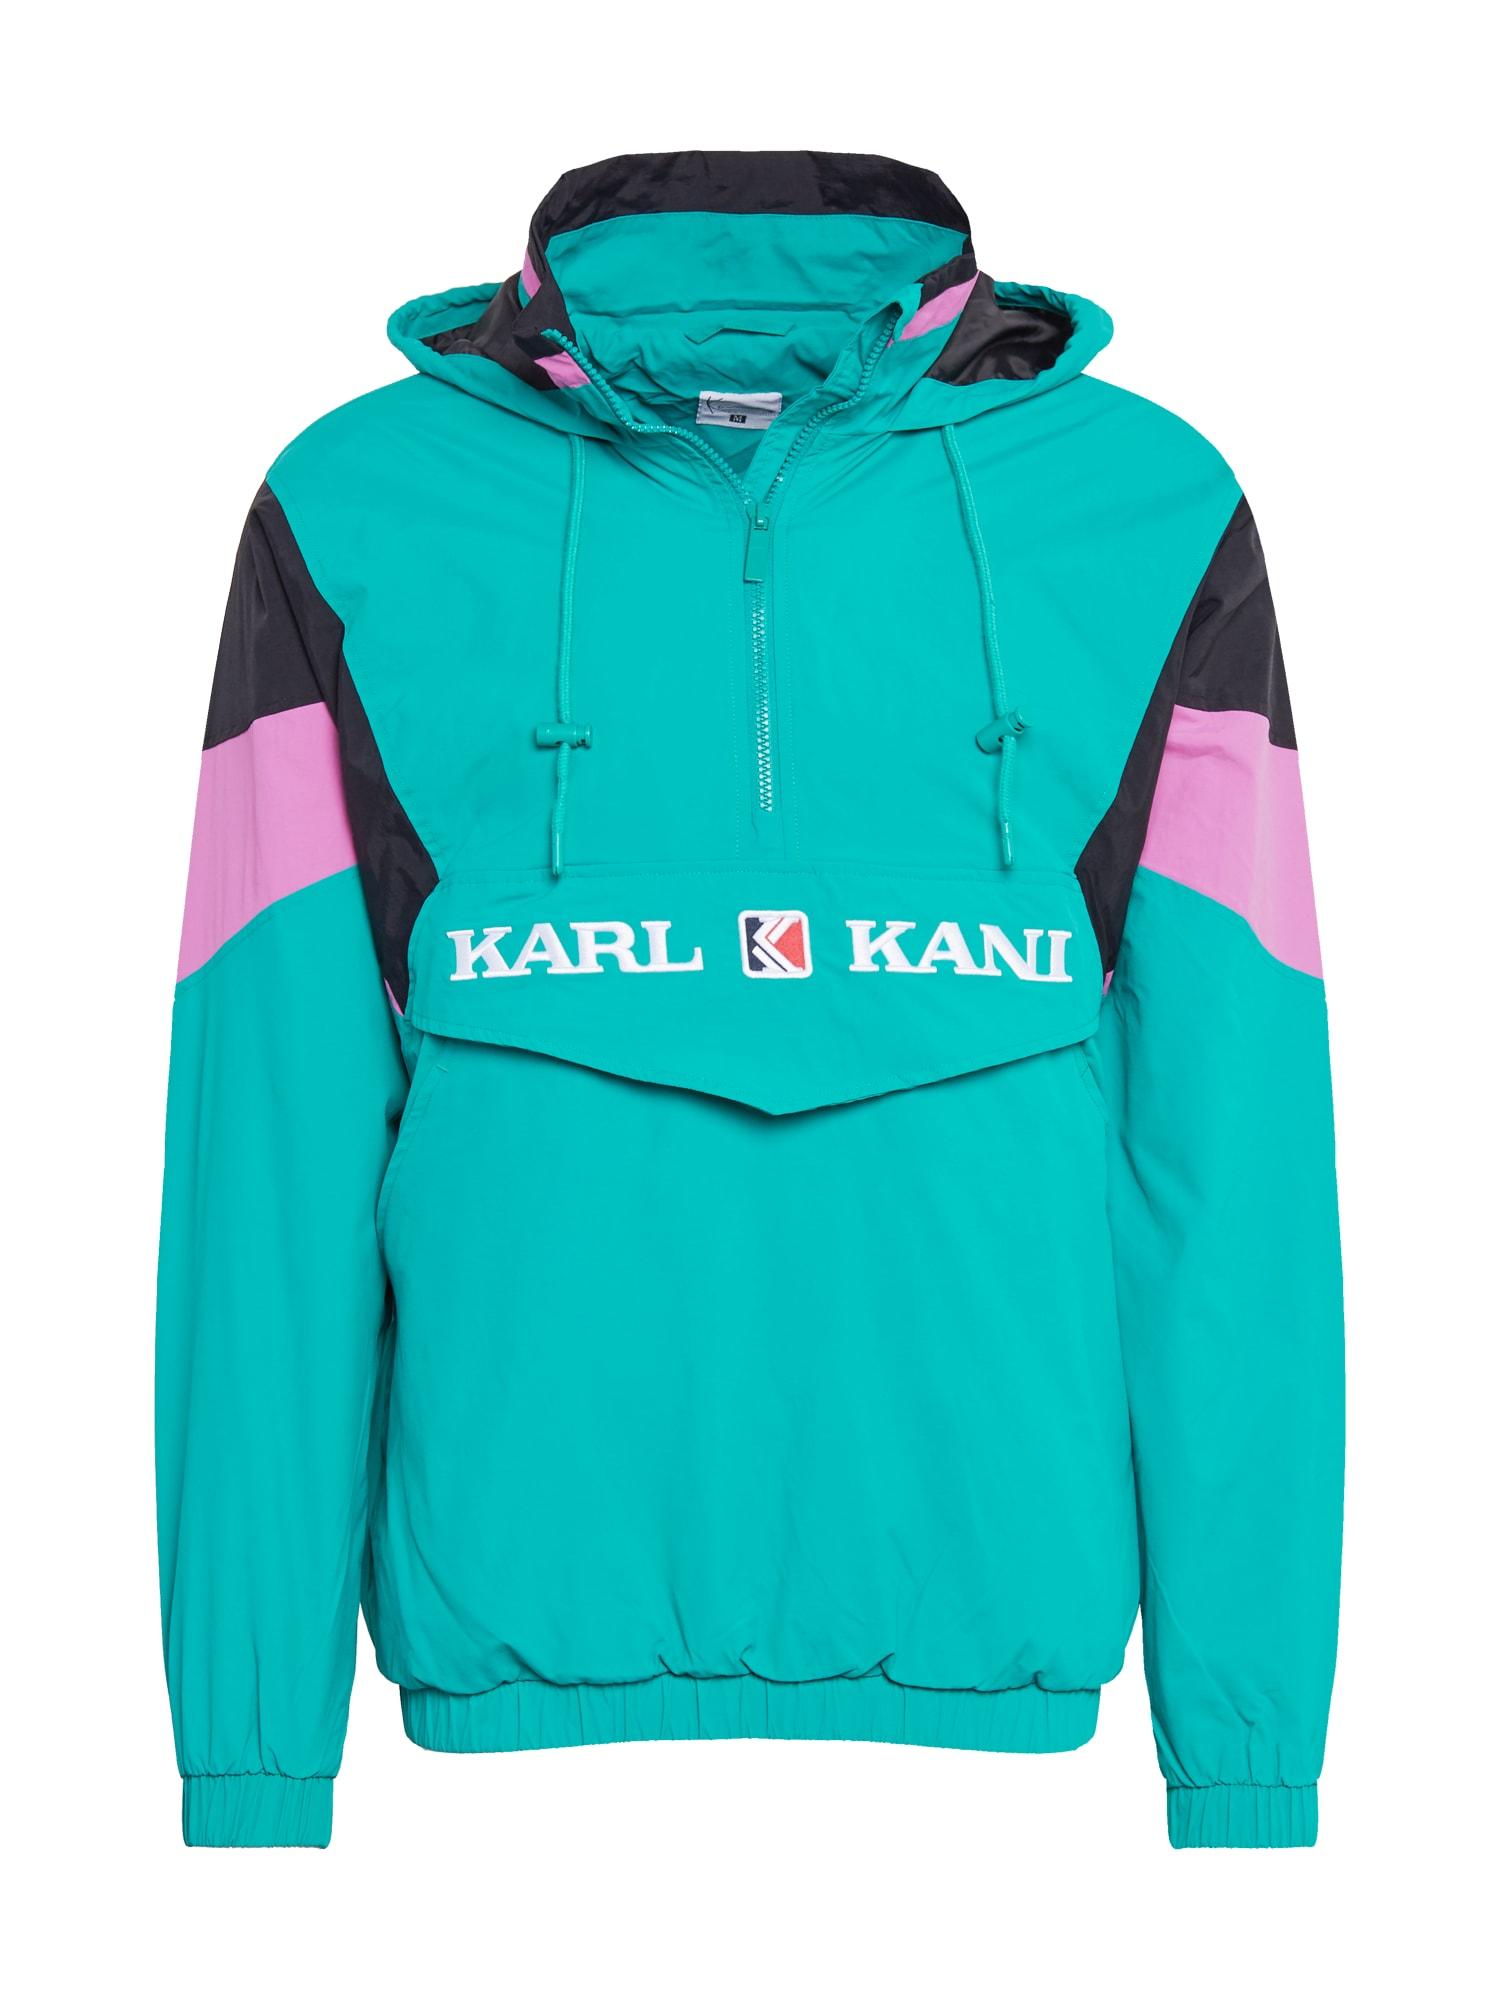 Karl Kani Přechodná bunda  fialová / tyrkysová / černá